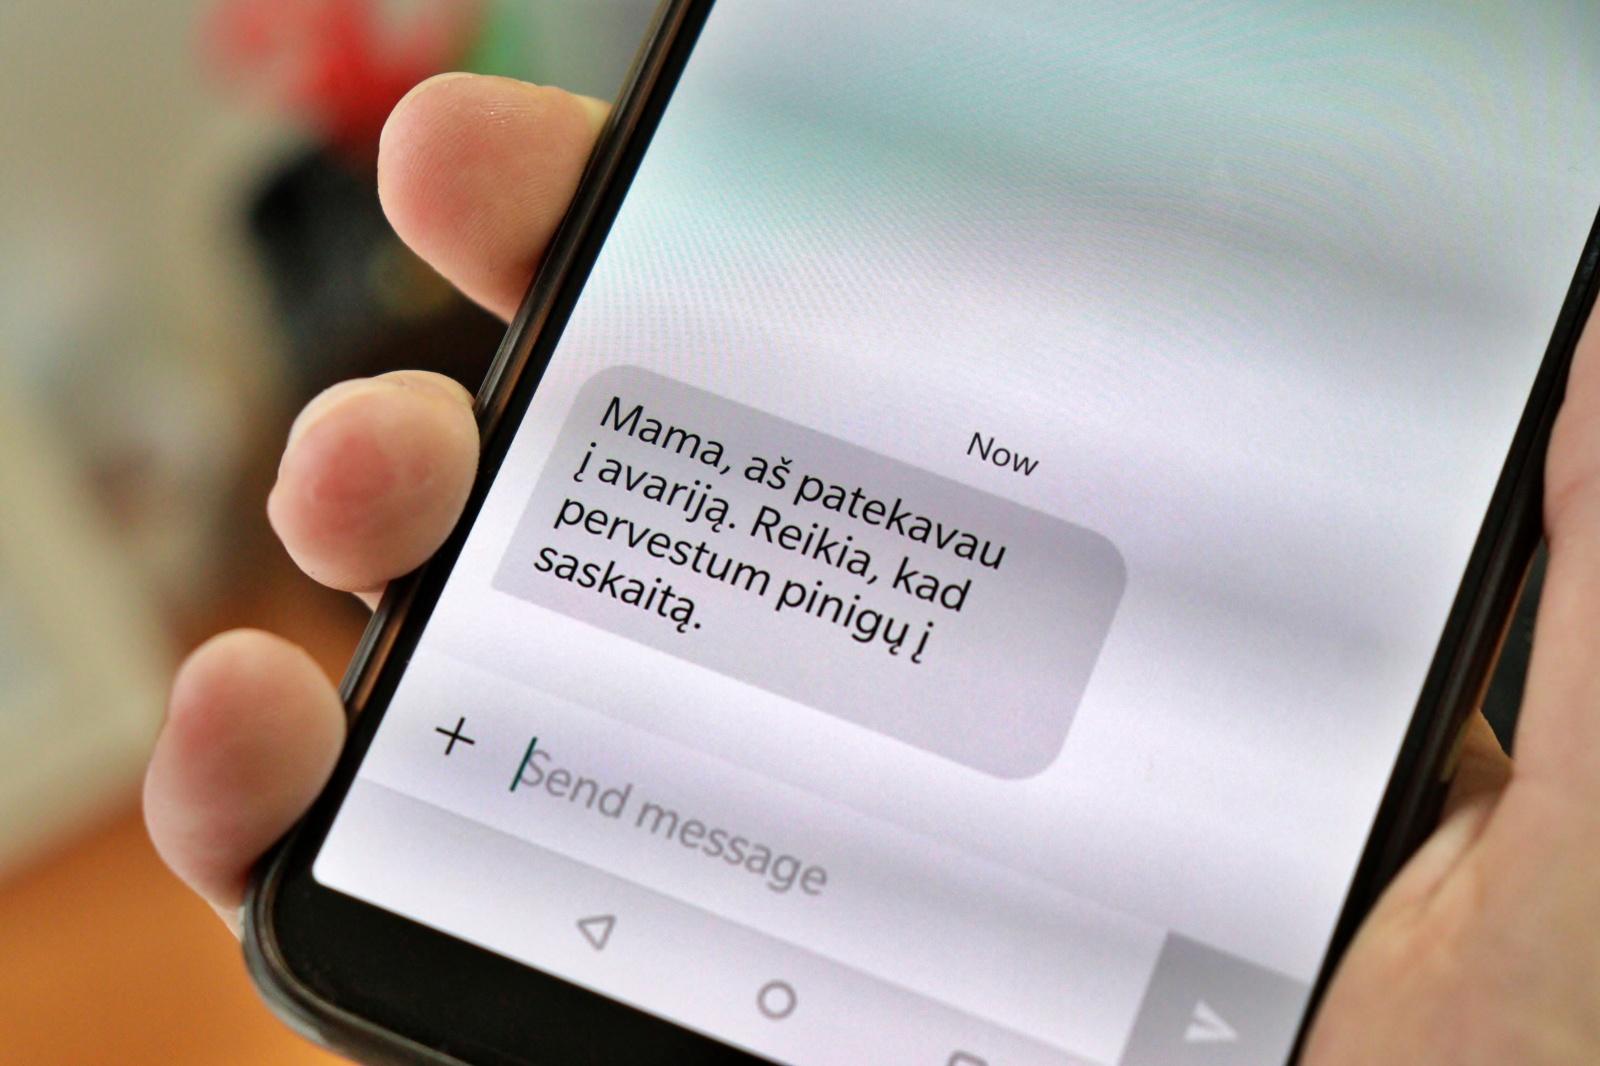 Policija įspėja: Utenos rajone vėl siaučia telefoniniai sukčiai